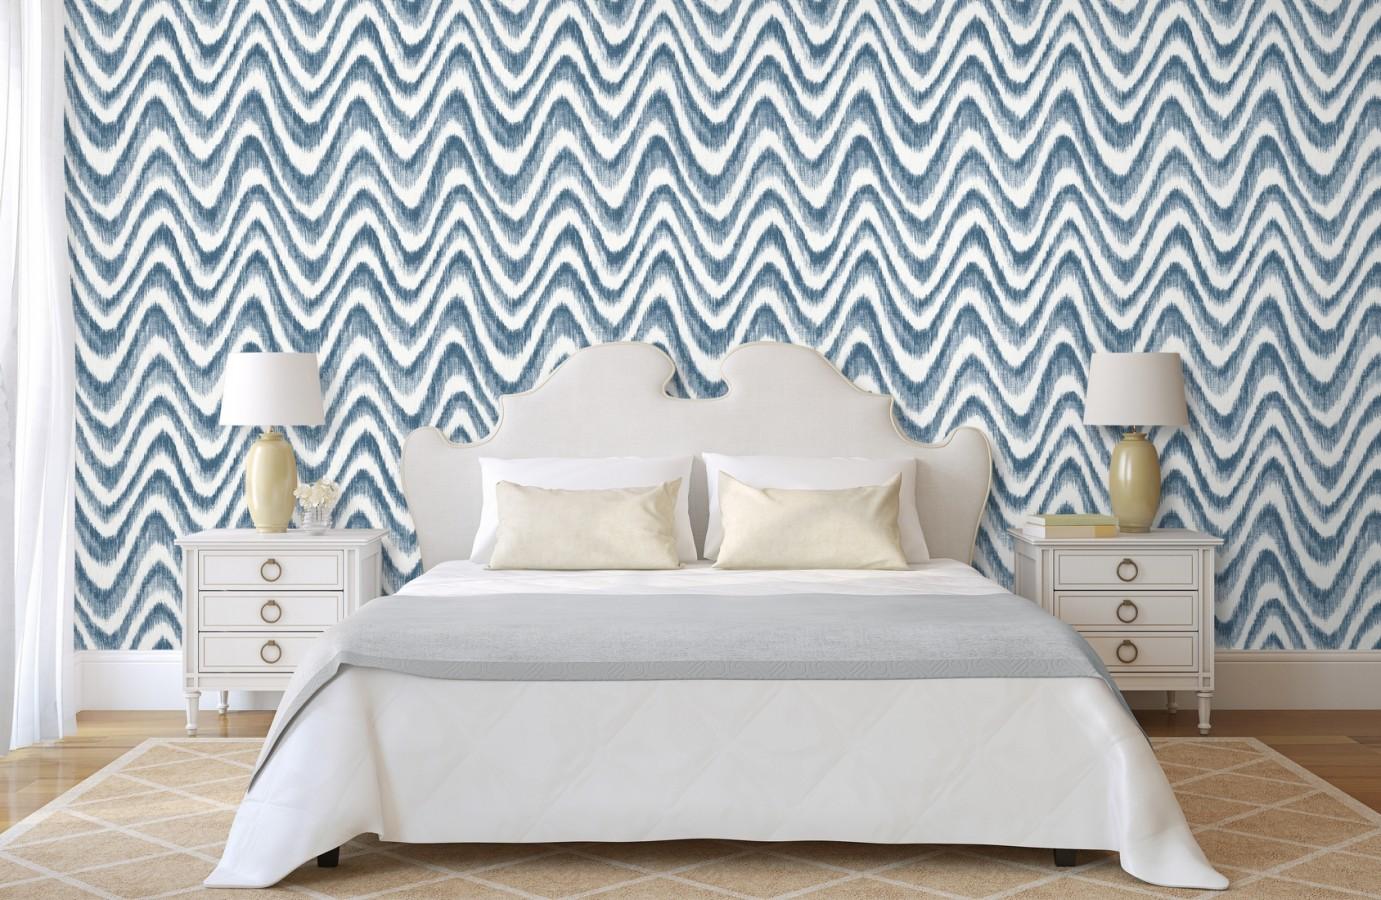 Papel pintado de ondas con degradados azul tropical Aloha 679526